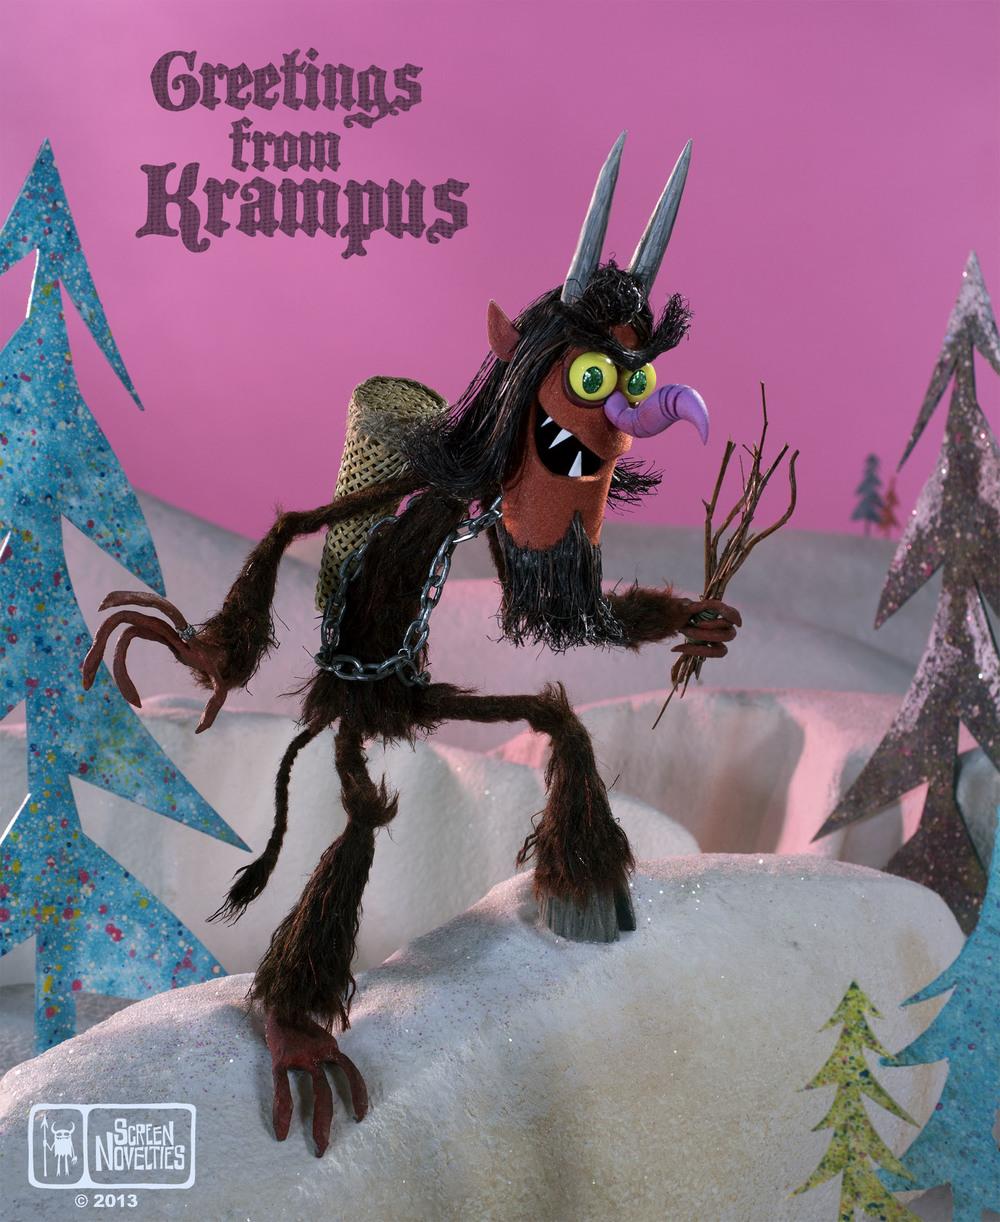 Krampus Image 02.jpg